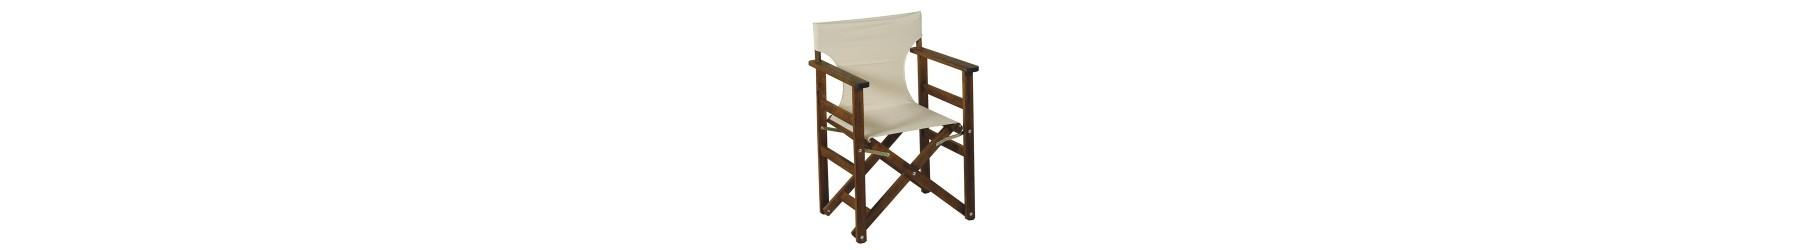 Πολυθρόνες και καρέκλες σκηνοθέτη ξύλινες για κήπο και βεράντα